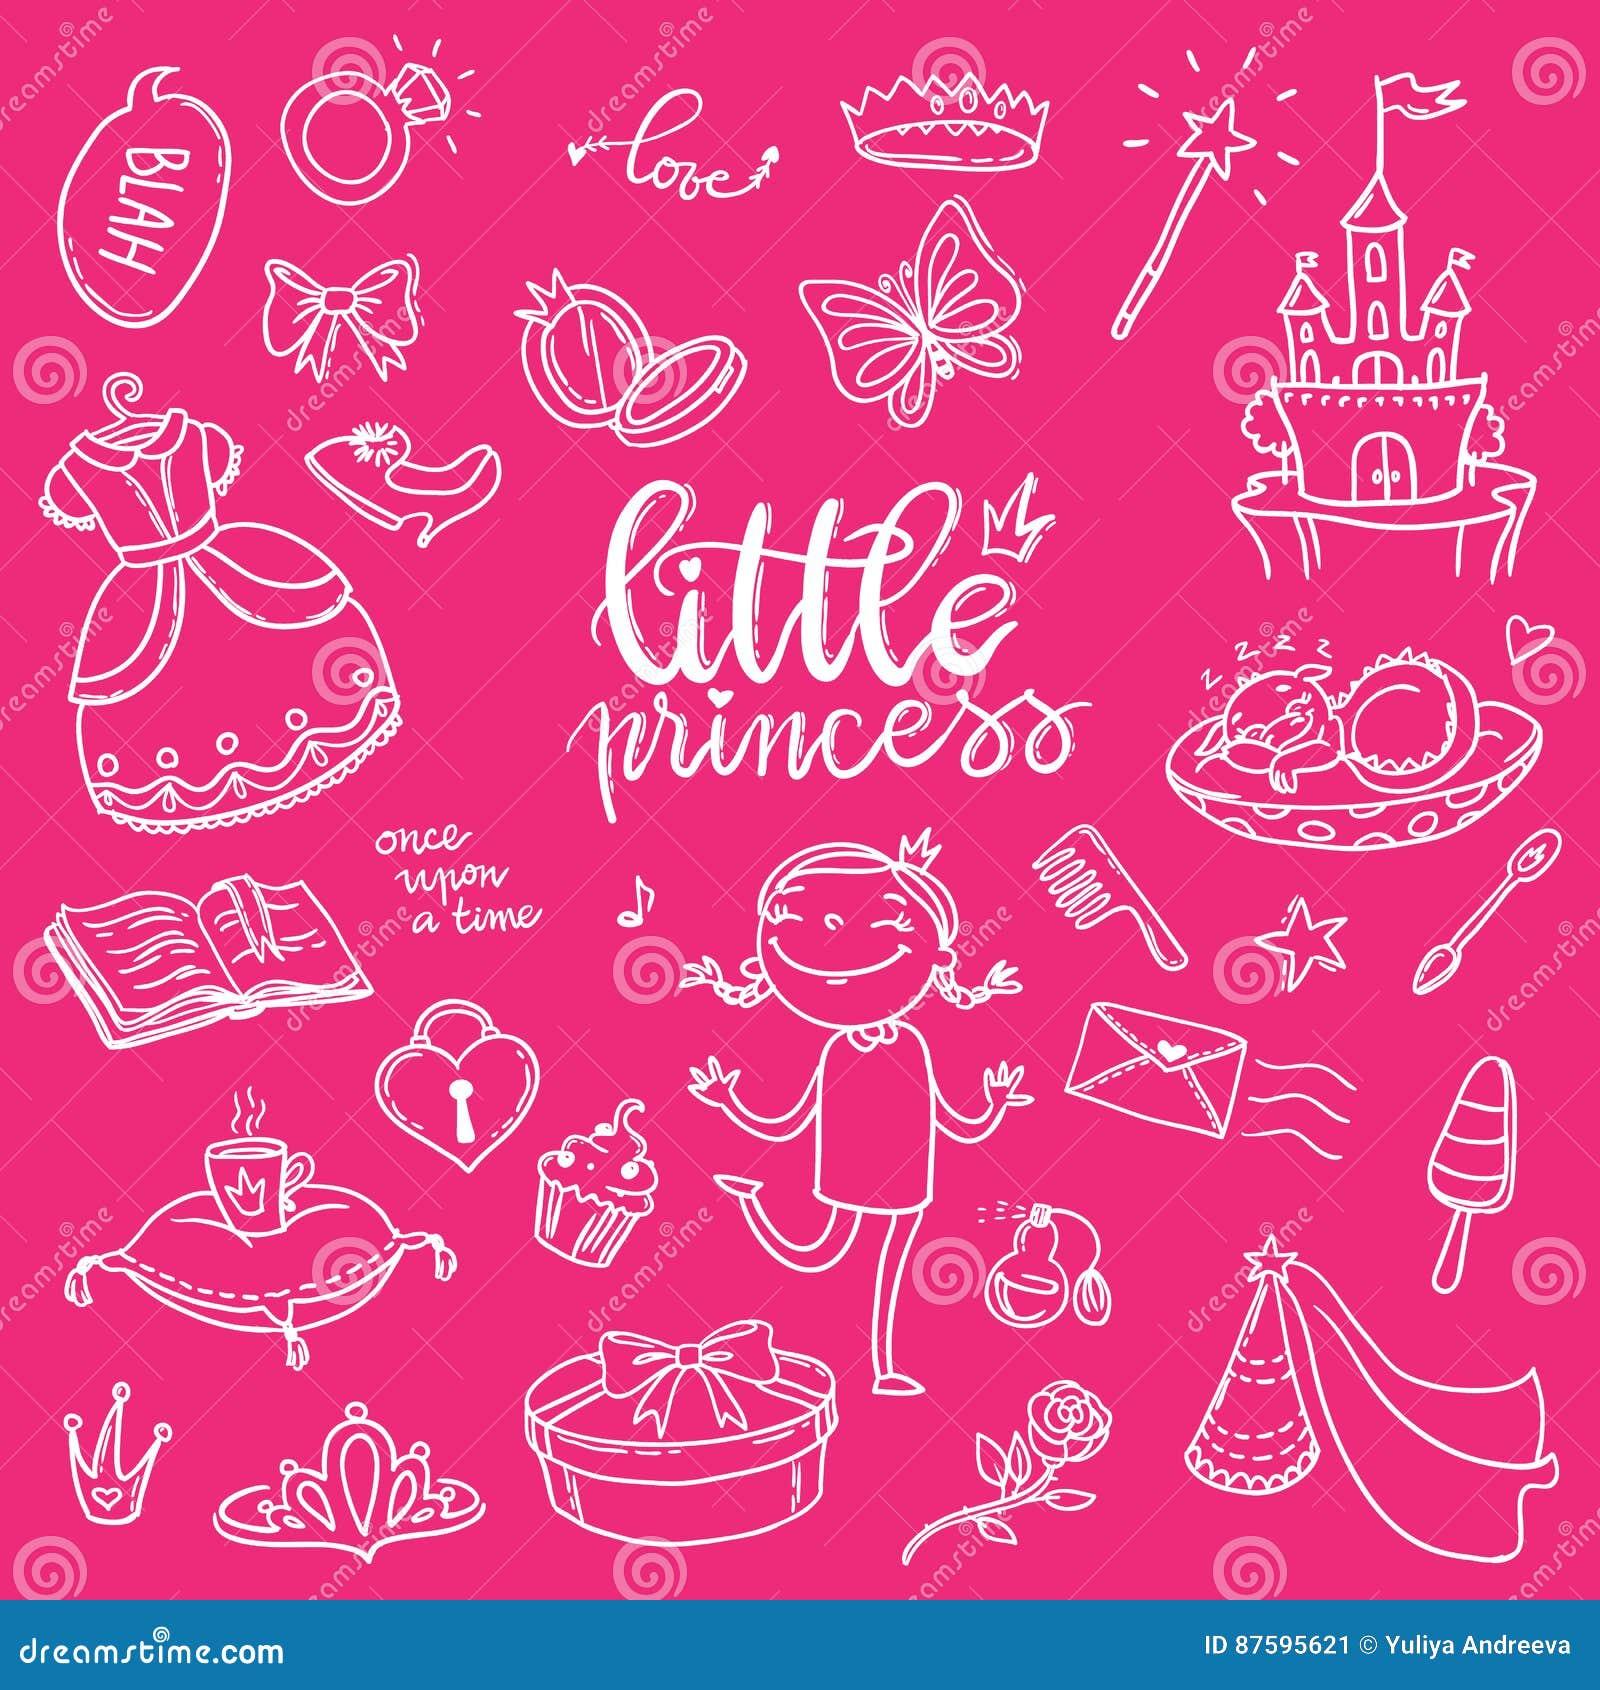 Lustiger Grafiksatz kleiner Prinzessin Mädchen Kleid, Schmetterling, mirro